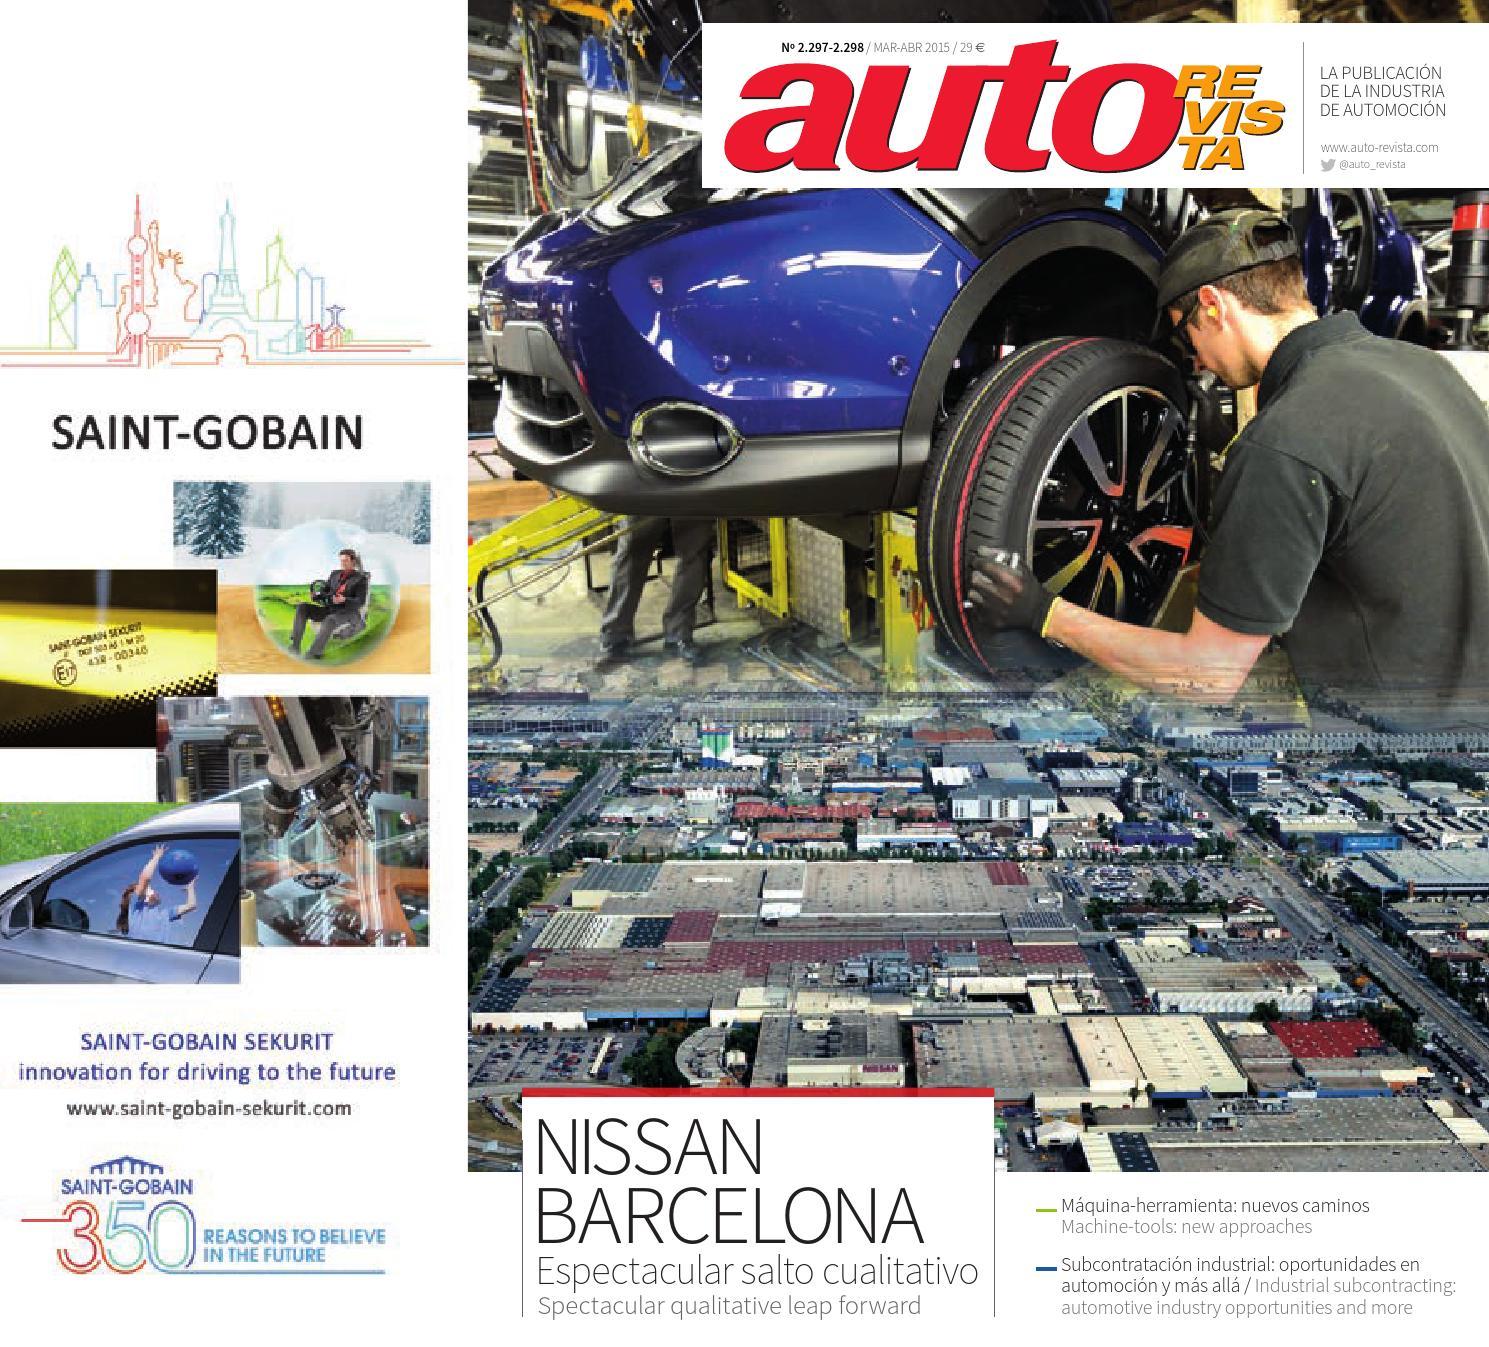 Autorevista nº 2297-98 by Digital Newspapers S.L. - issuu